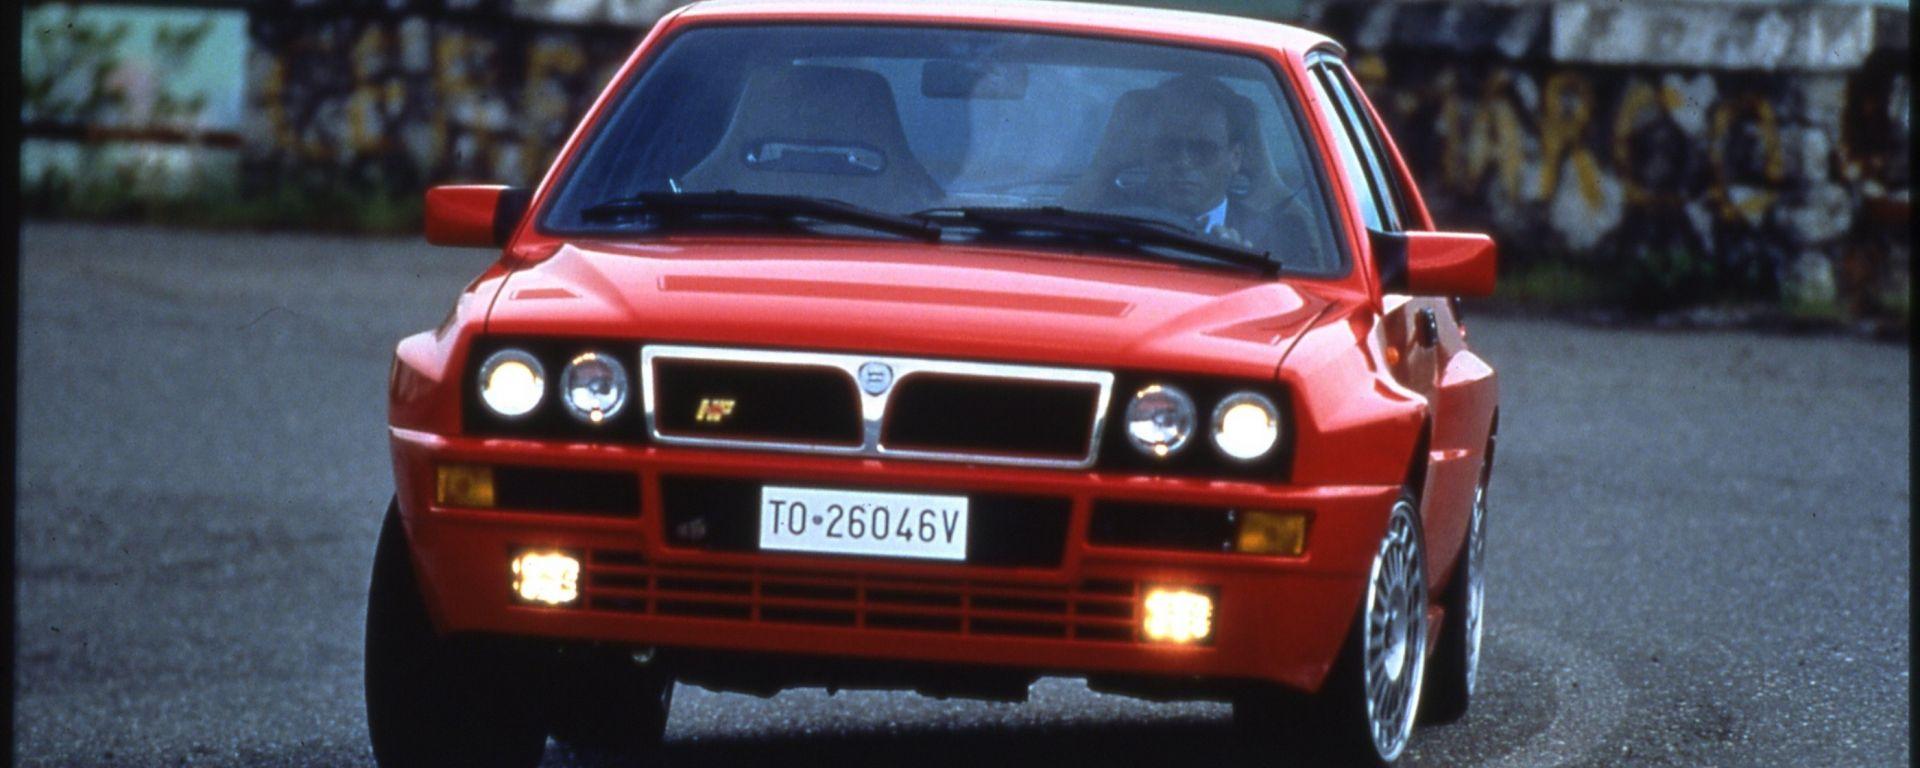 Italiani: alla maggior parte l'auto che manca di più è la Lancia Delta Integrale